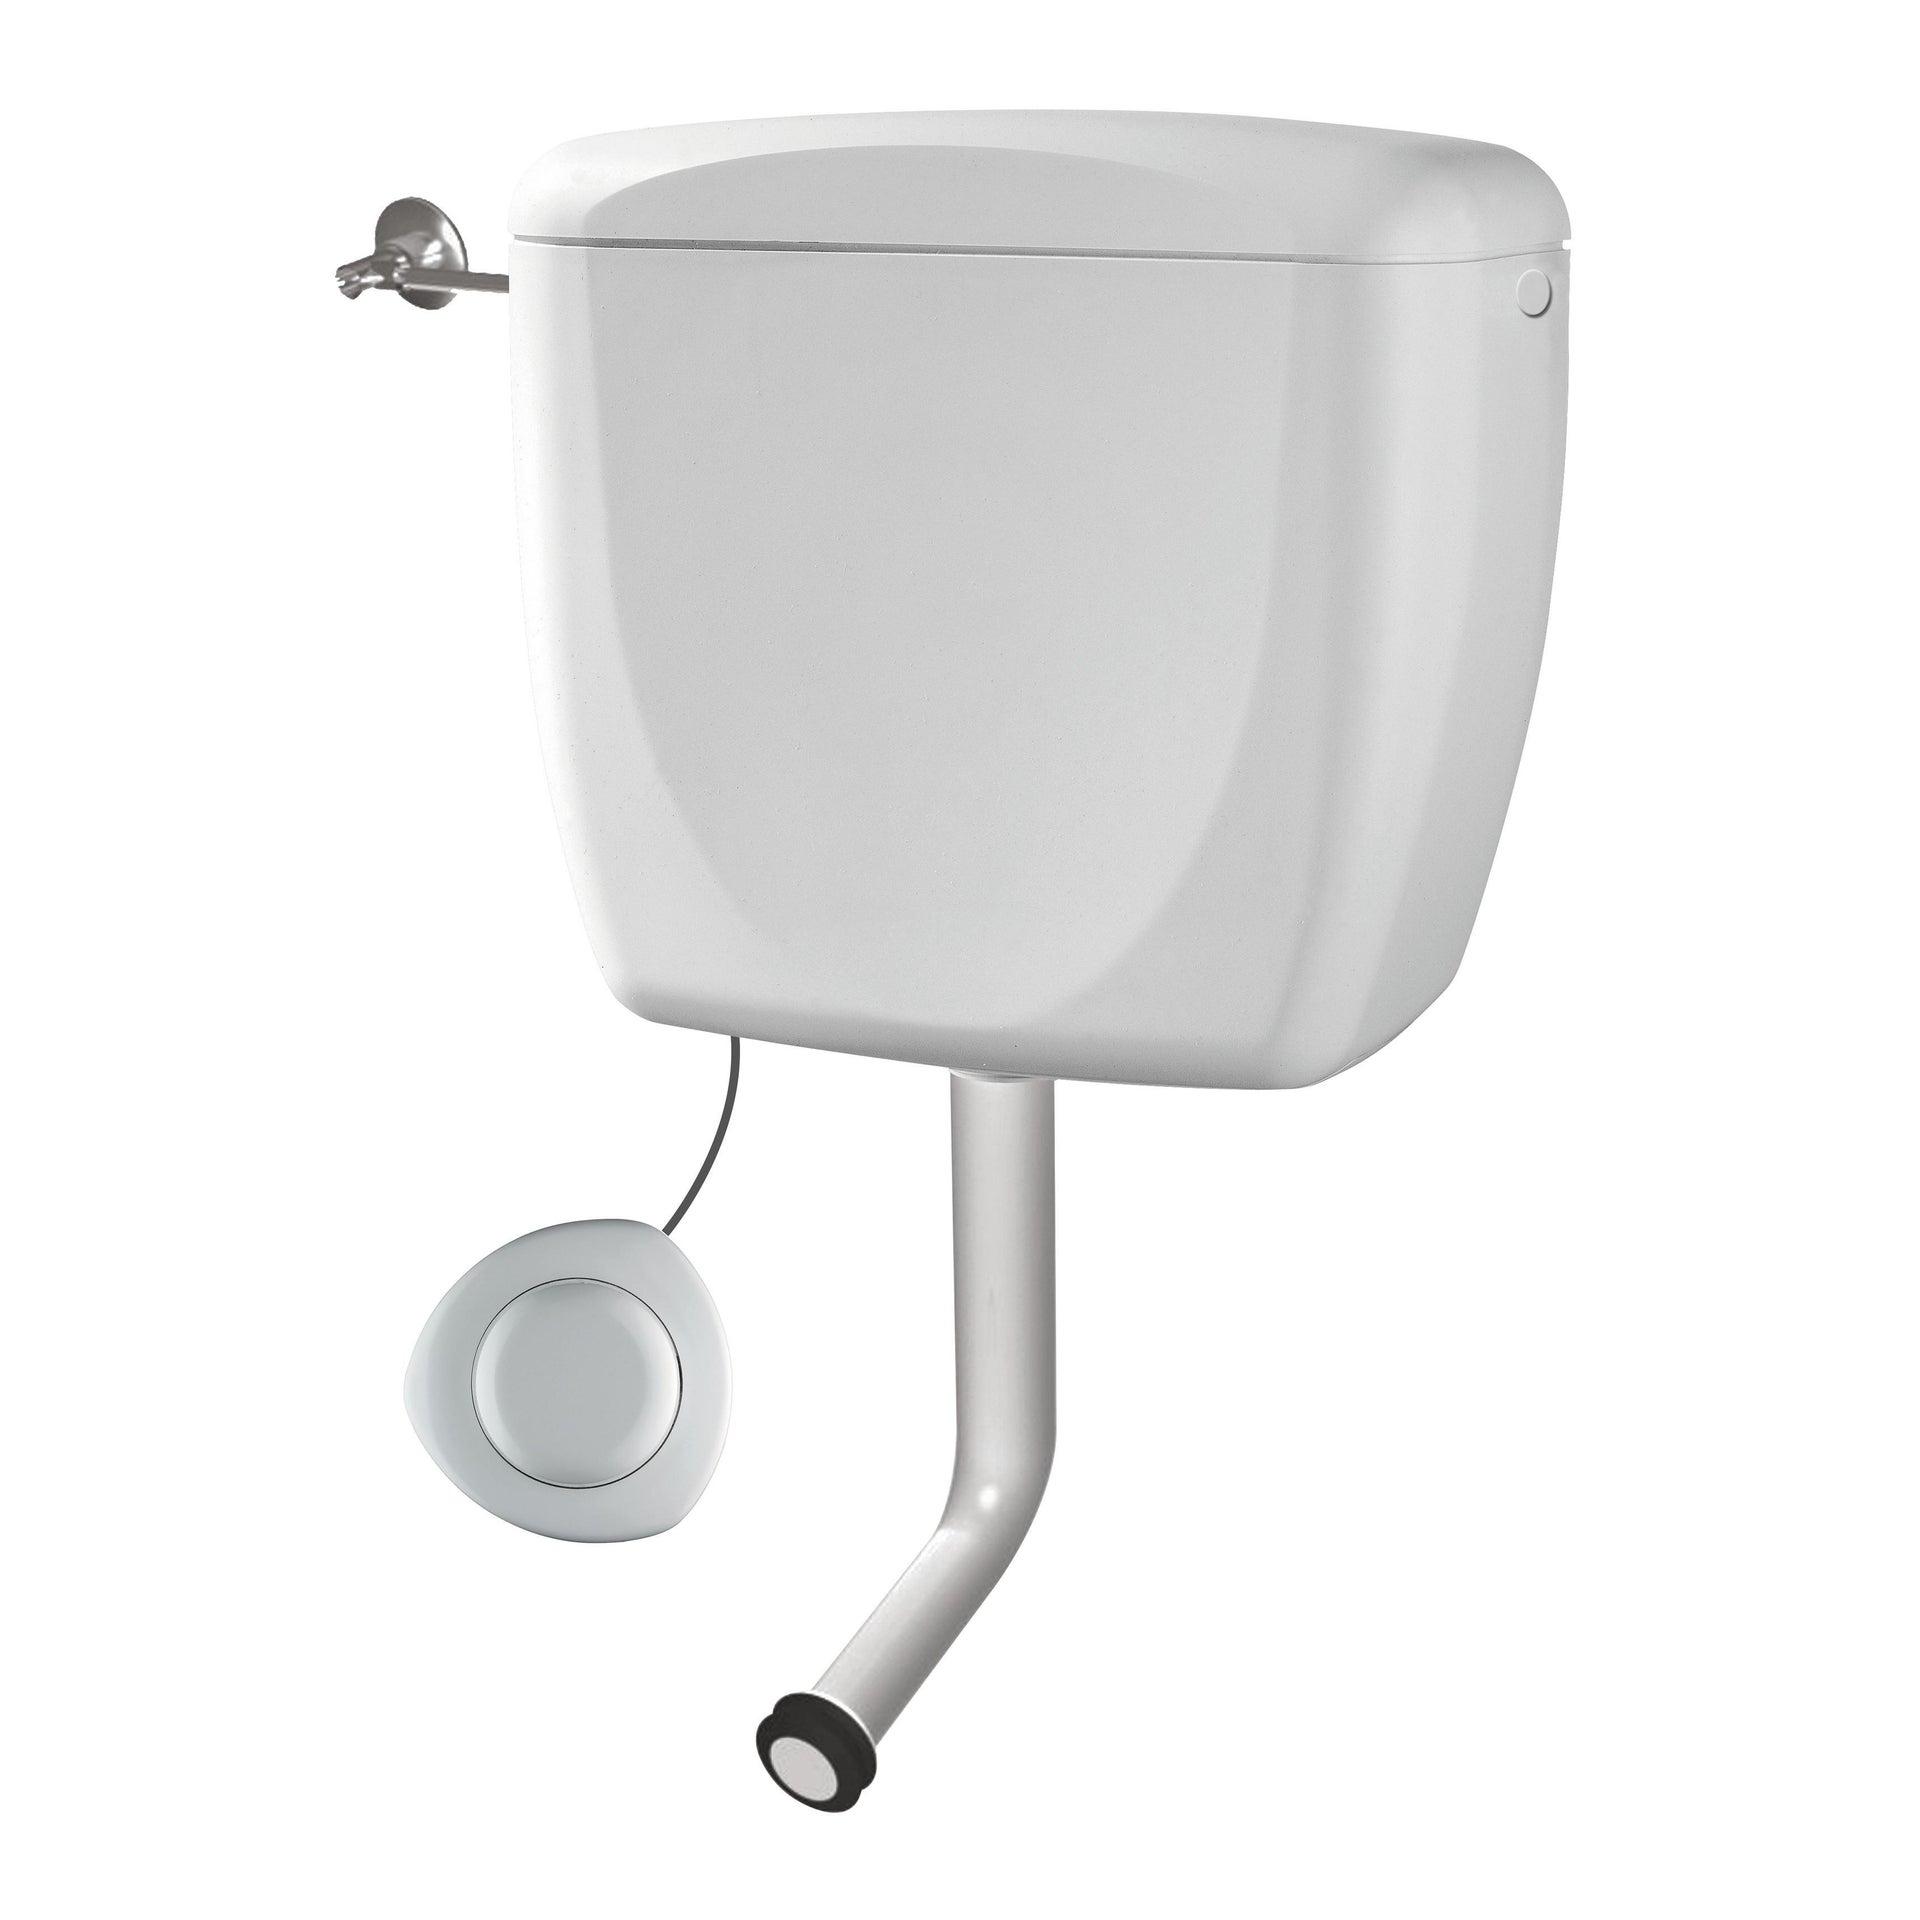 Cassetta wc SIAMP Rondo idropneumatico